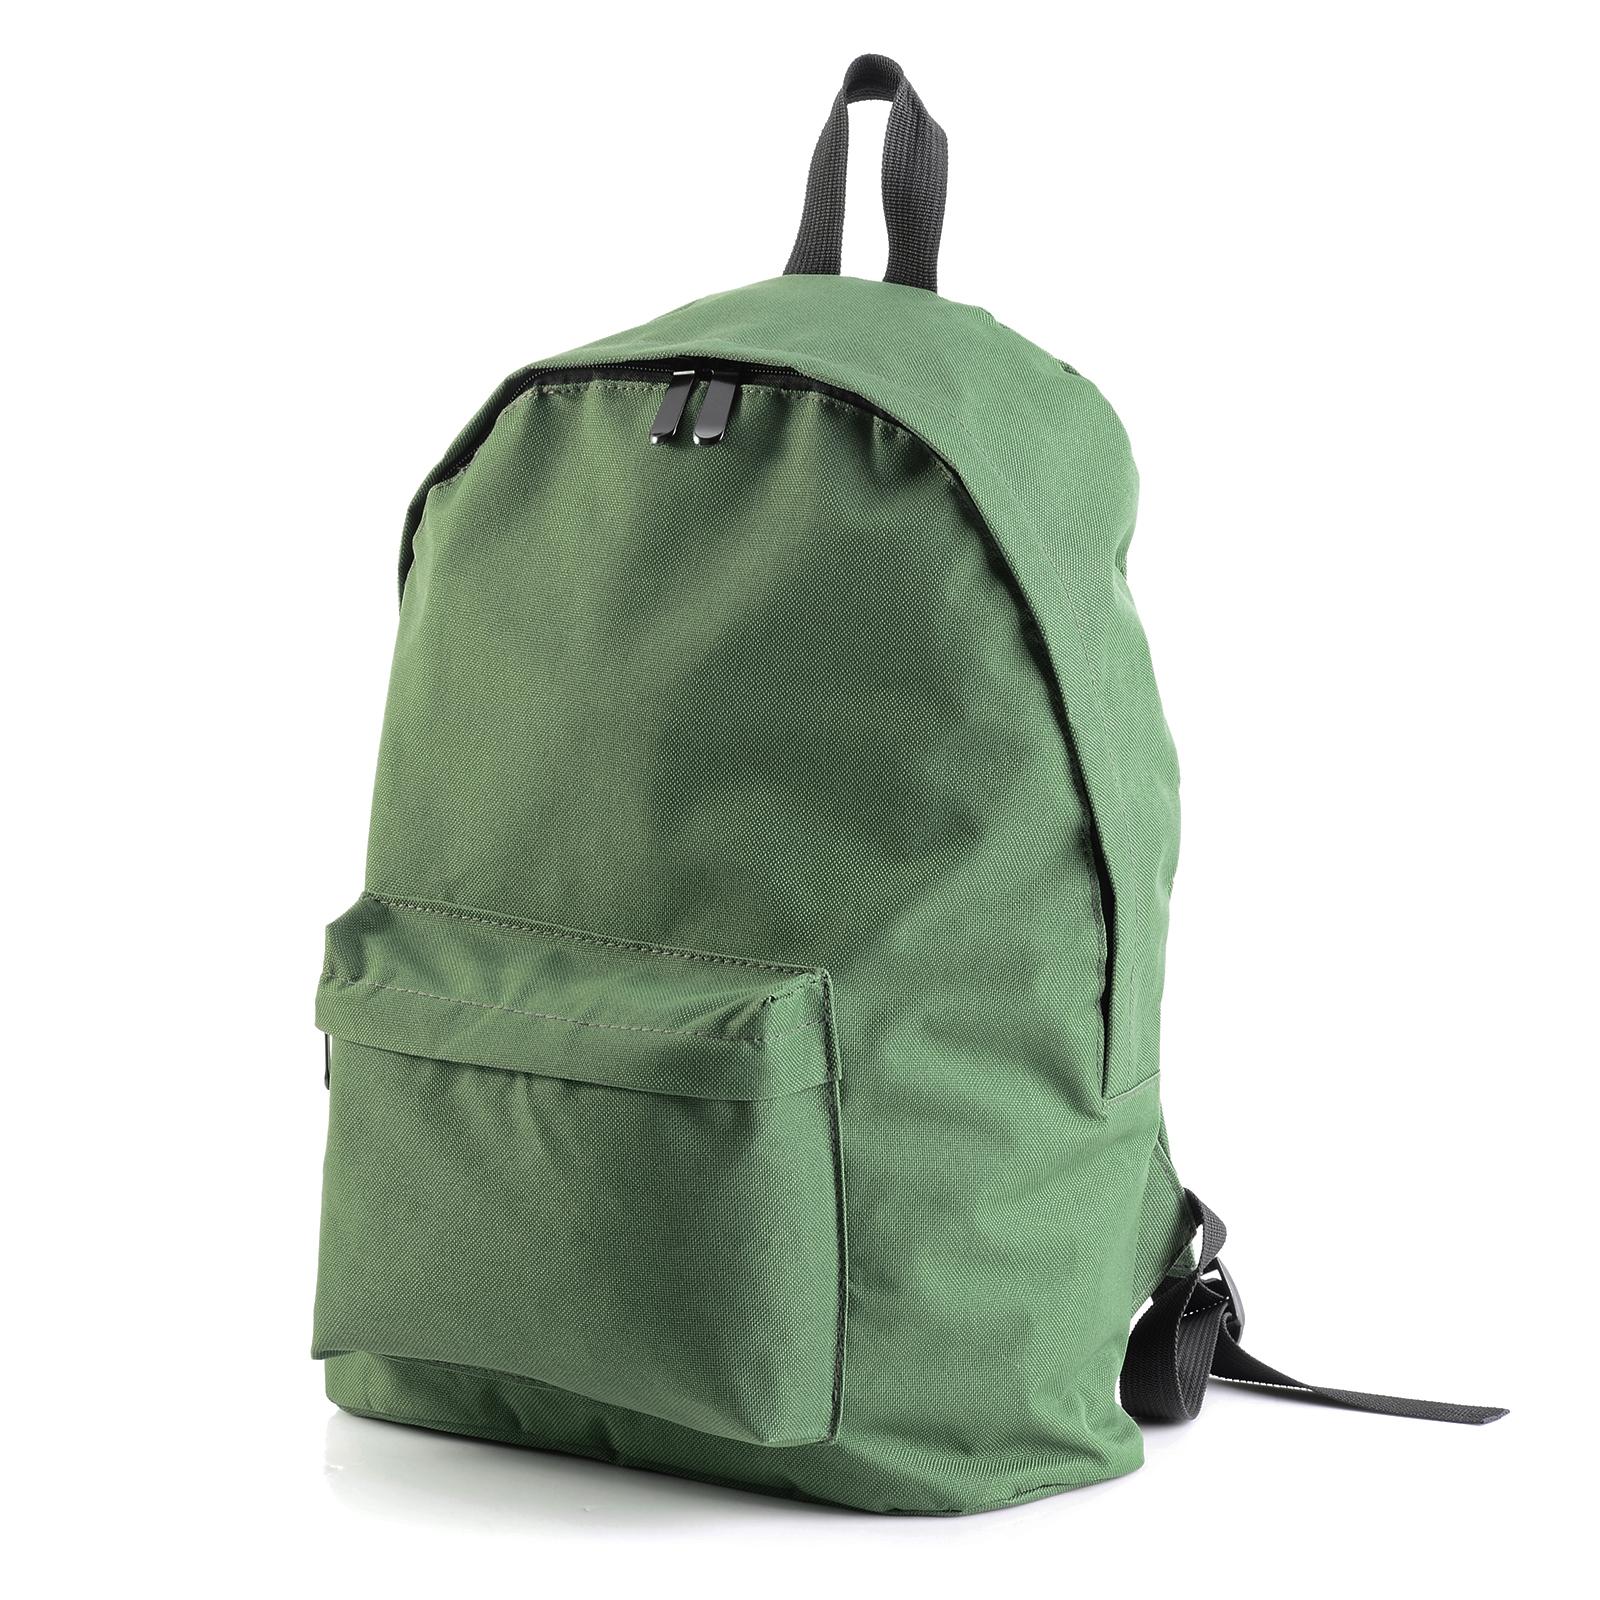 herren damen m dchen mini rucksack backpack sport freizeit schule gym taschen ebay. Black Bedroom Furniture Sets. Home Design Ideas